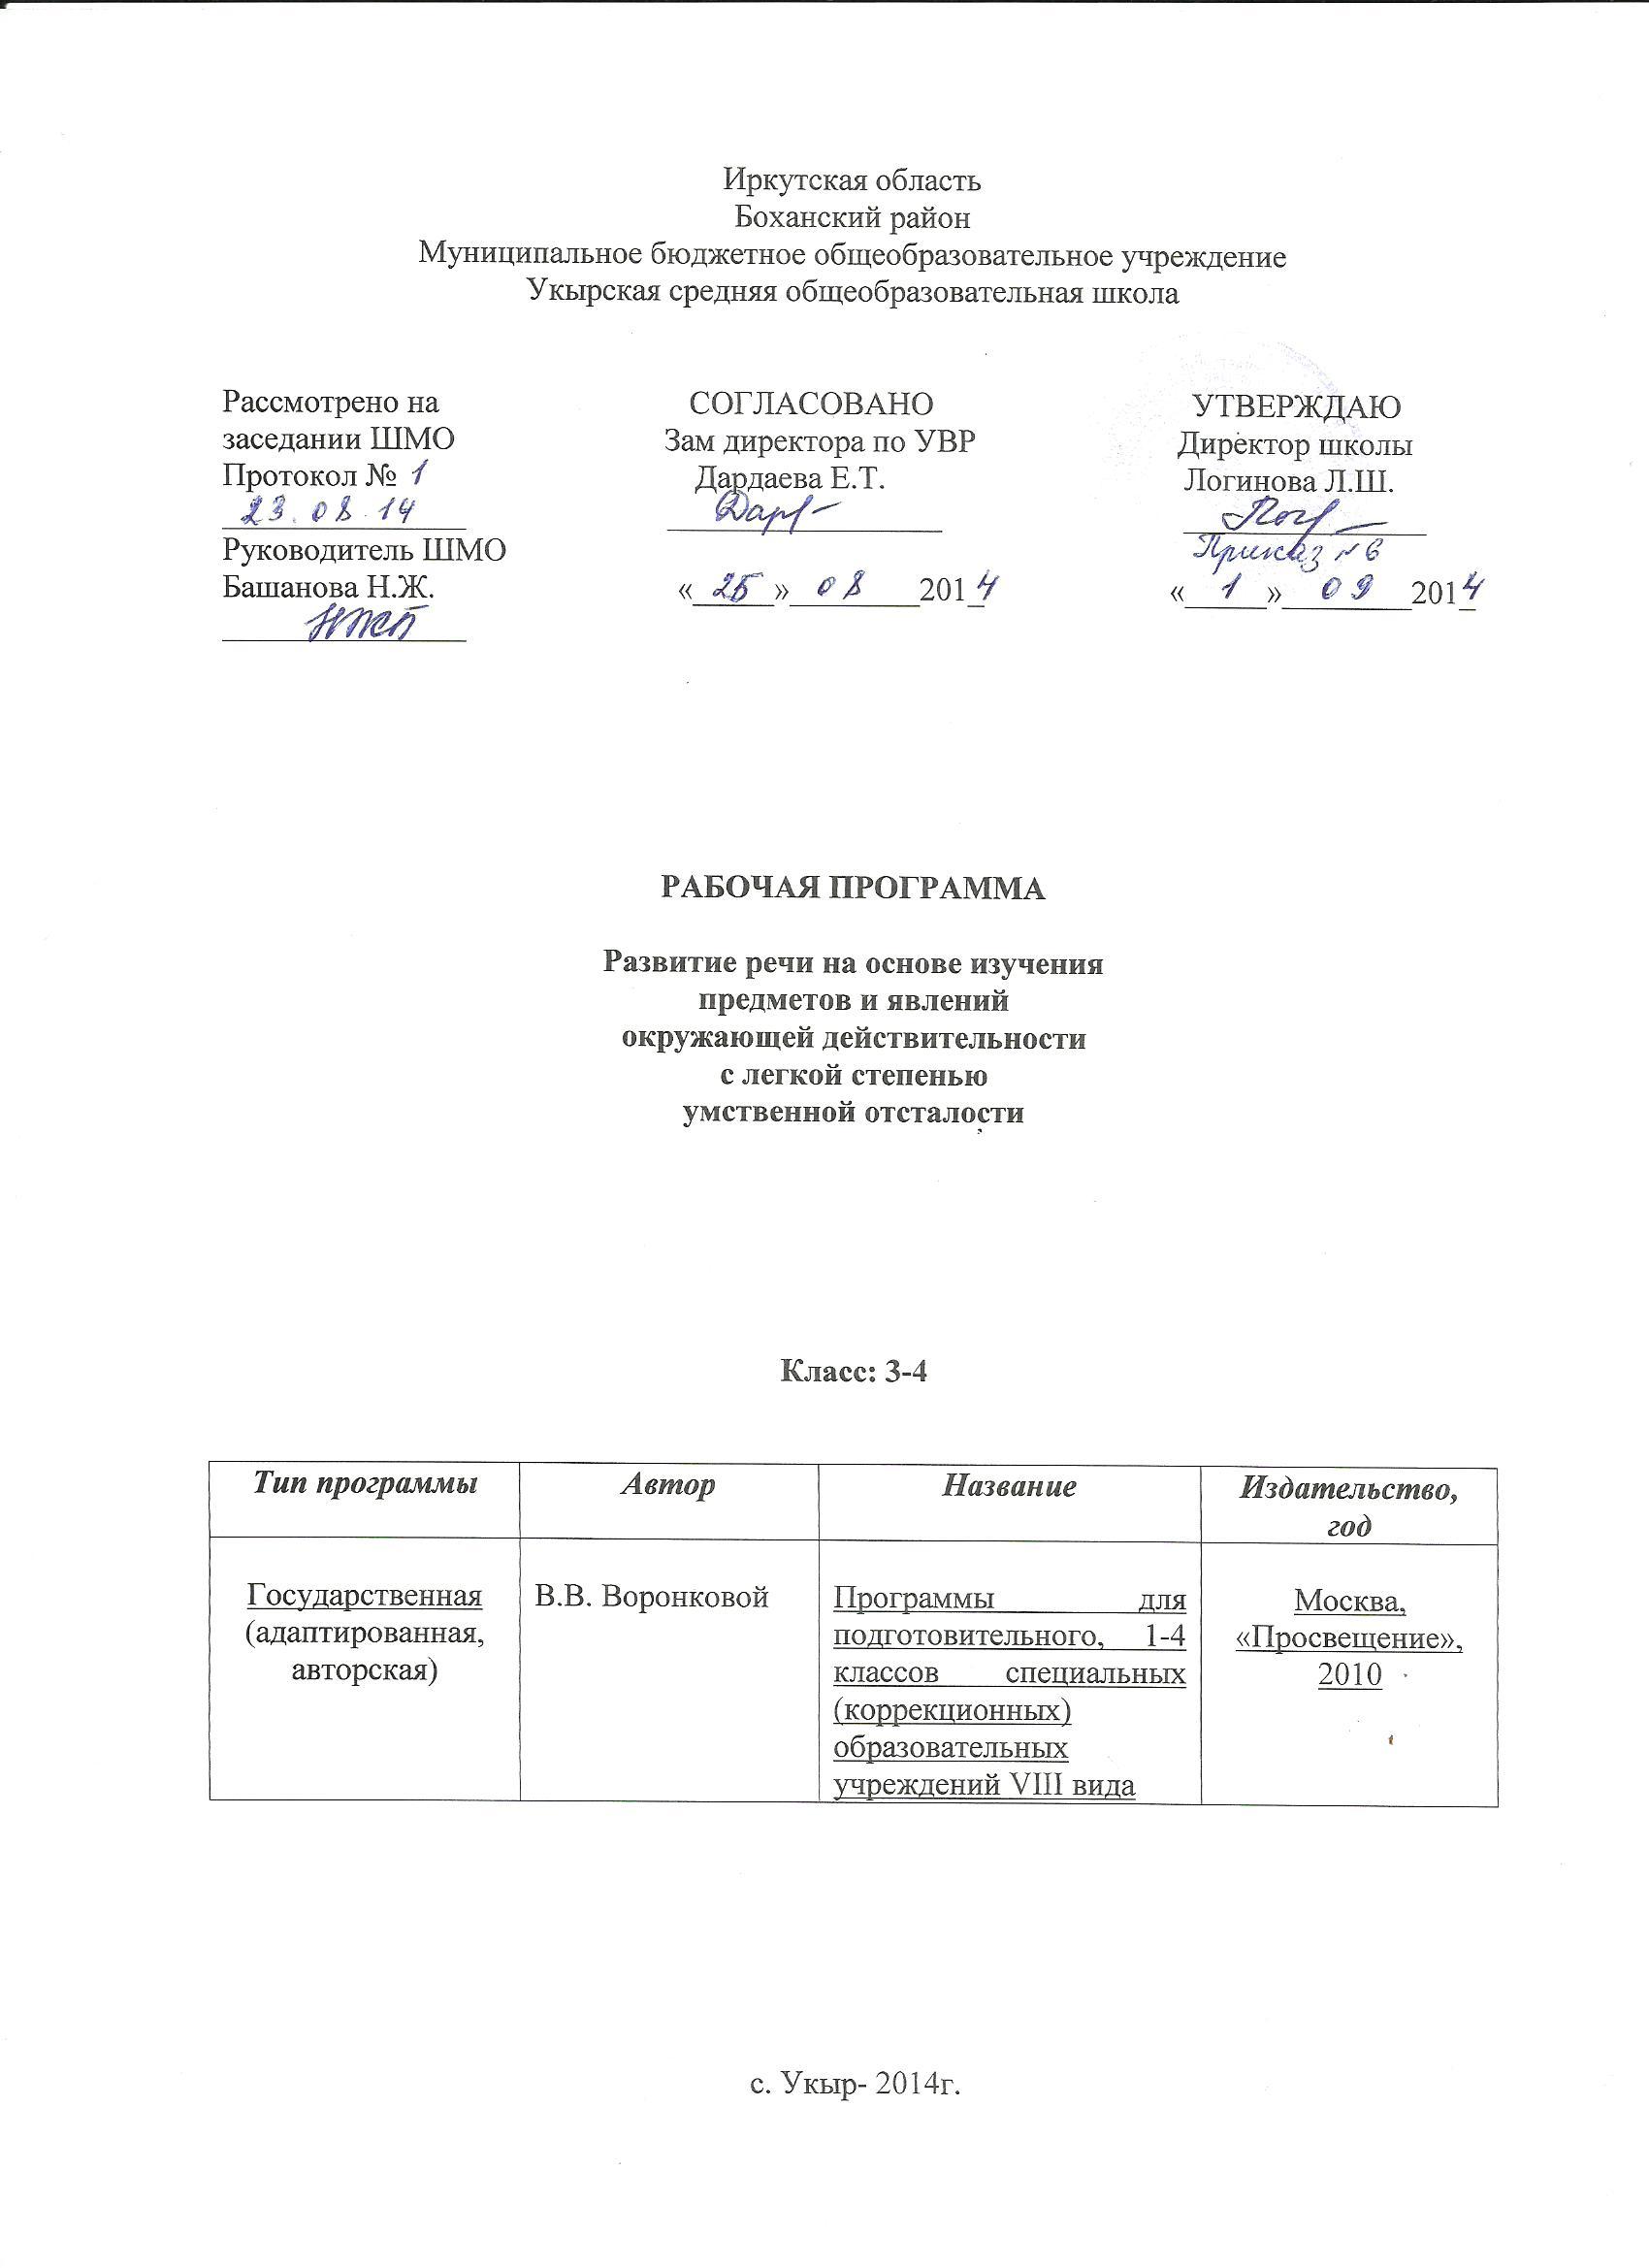 C:\Documents and Settings\7\Мои документы\ФОТО\титульные листы 2014\Изображение 004.jpg